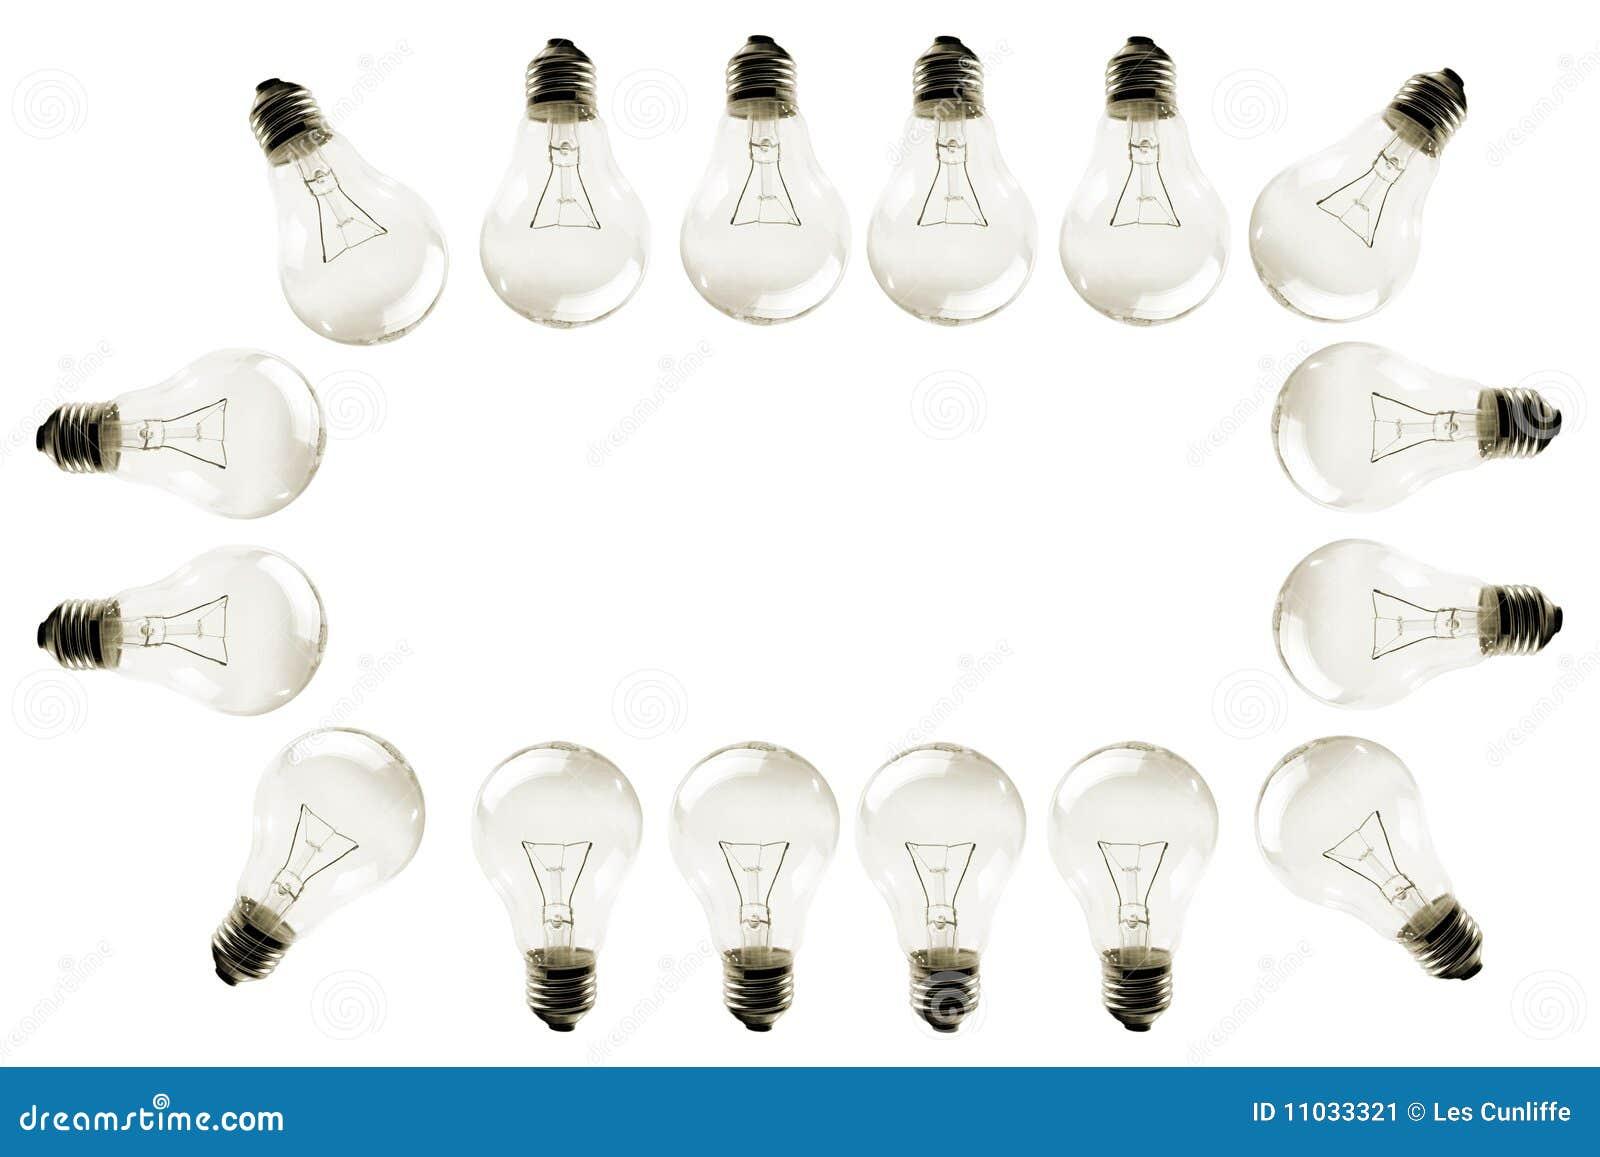 light bulb border stock image image of white illuminating 11033321